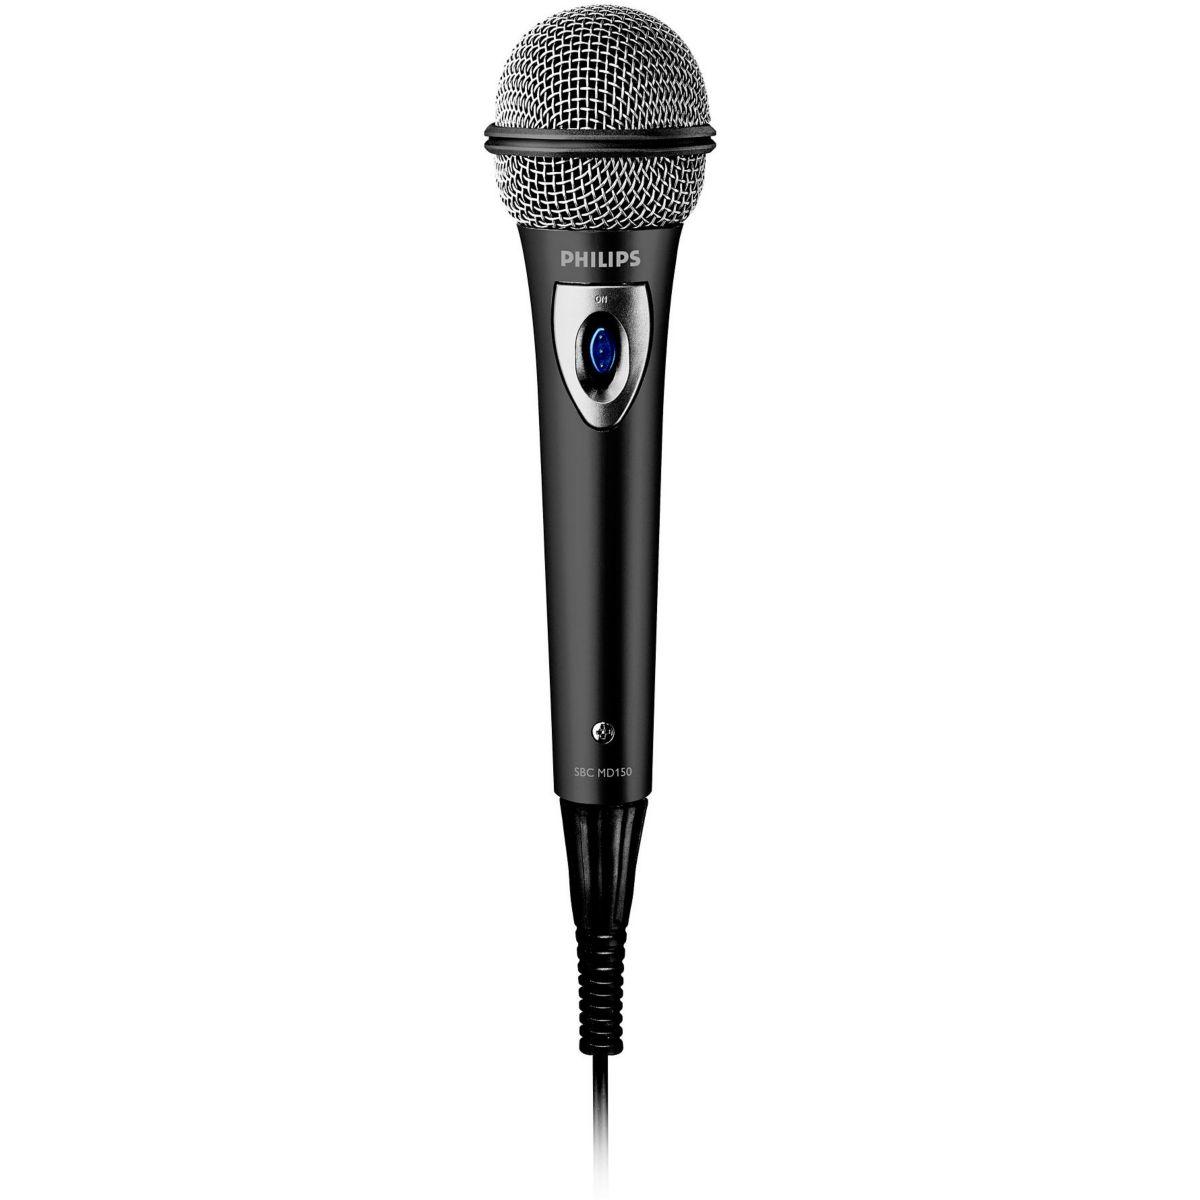 Microphone philips sbc md150/00 (de voix) - 20% de remise immédiate avec le code : cool20 (photo)